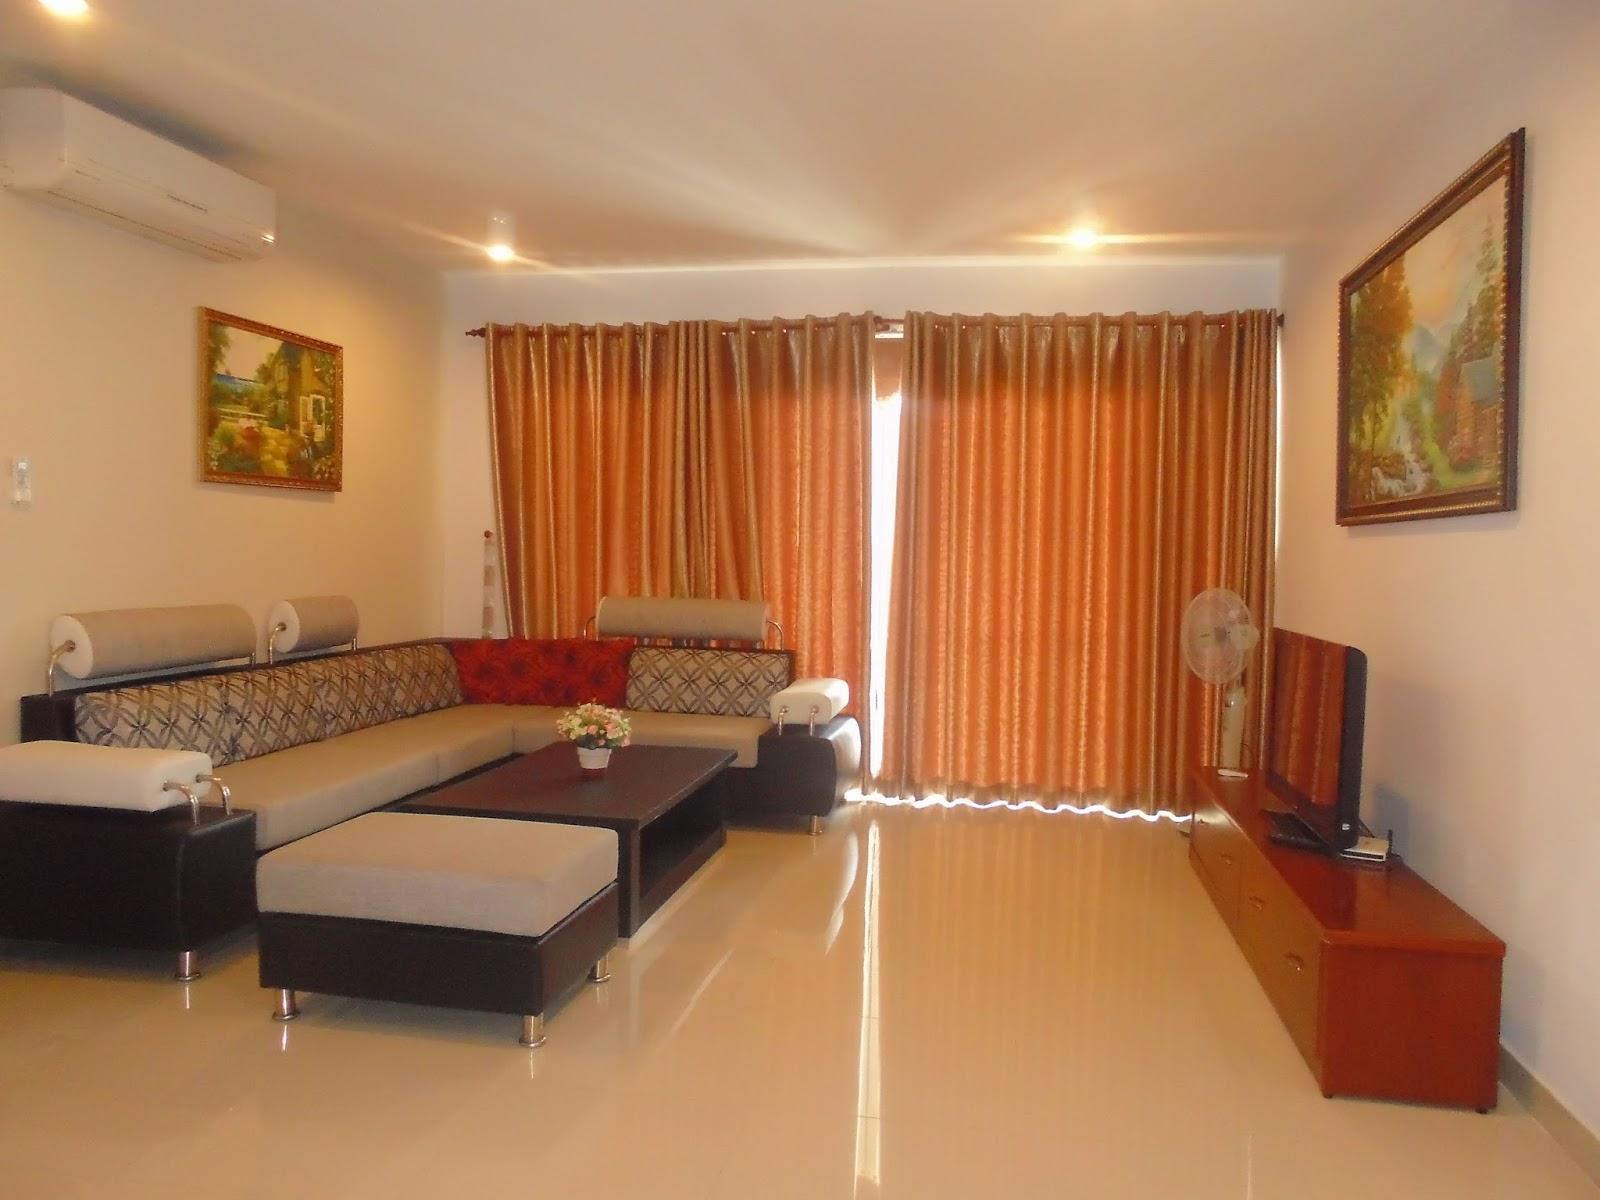 Vp3 18 - Usd900 - 3 Bedrooms